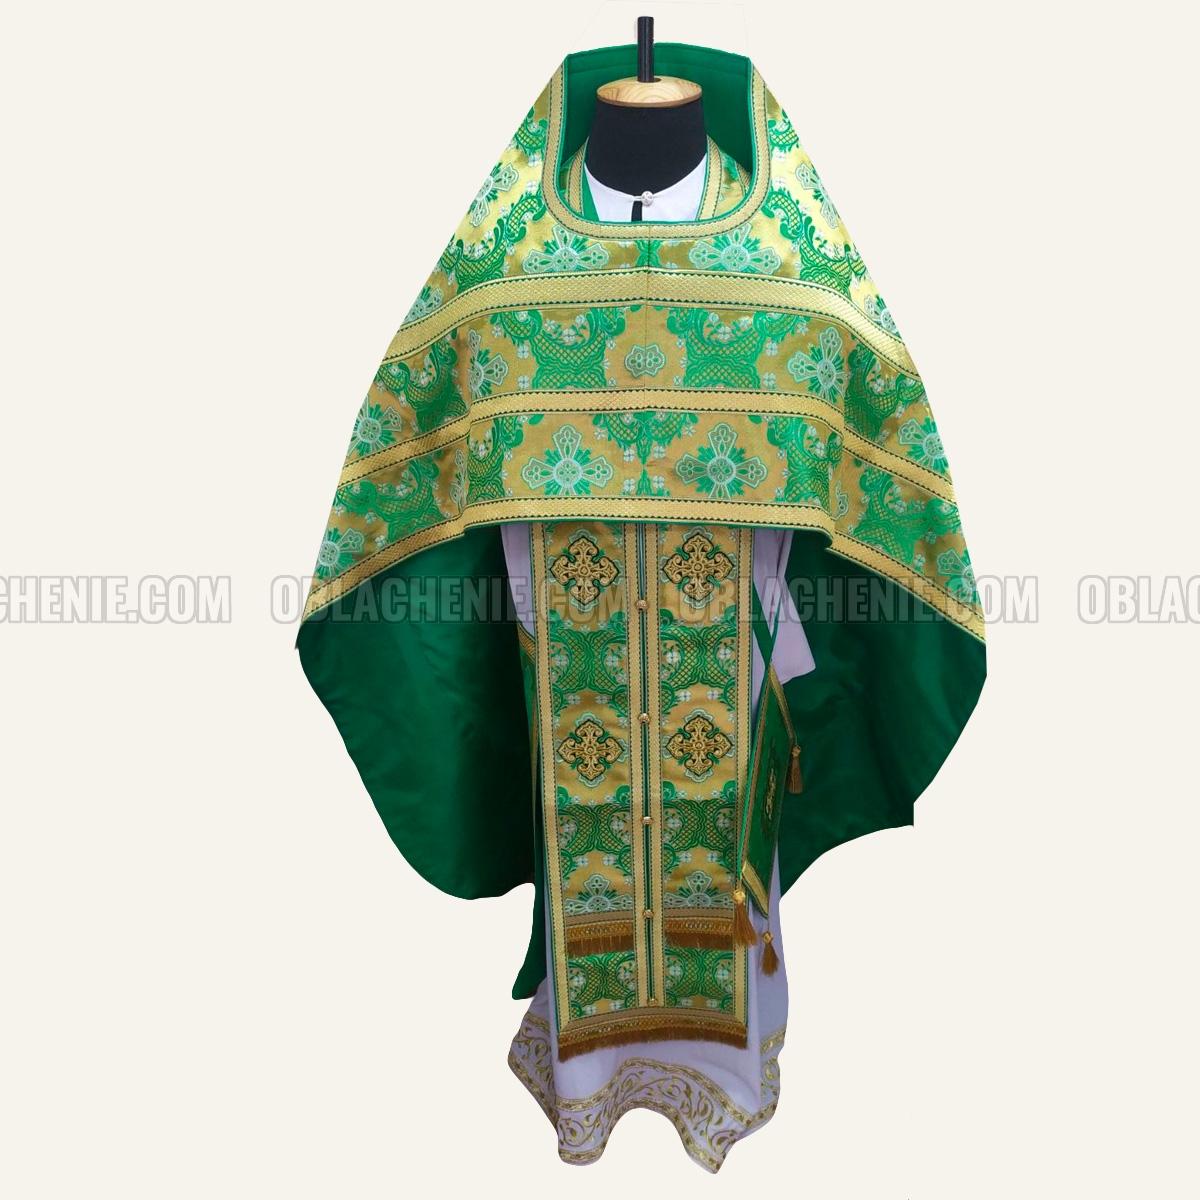 PRIEST'S VESTMENTS 11018